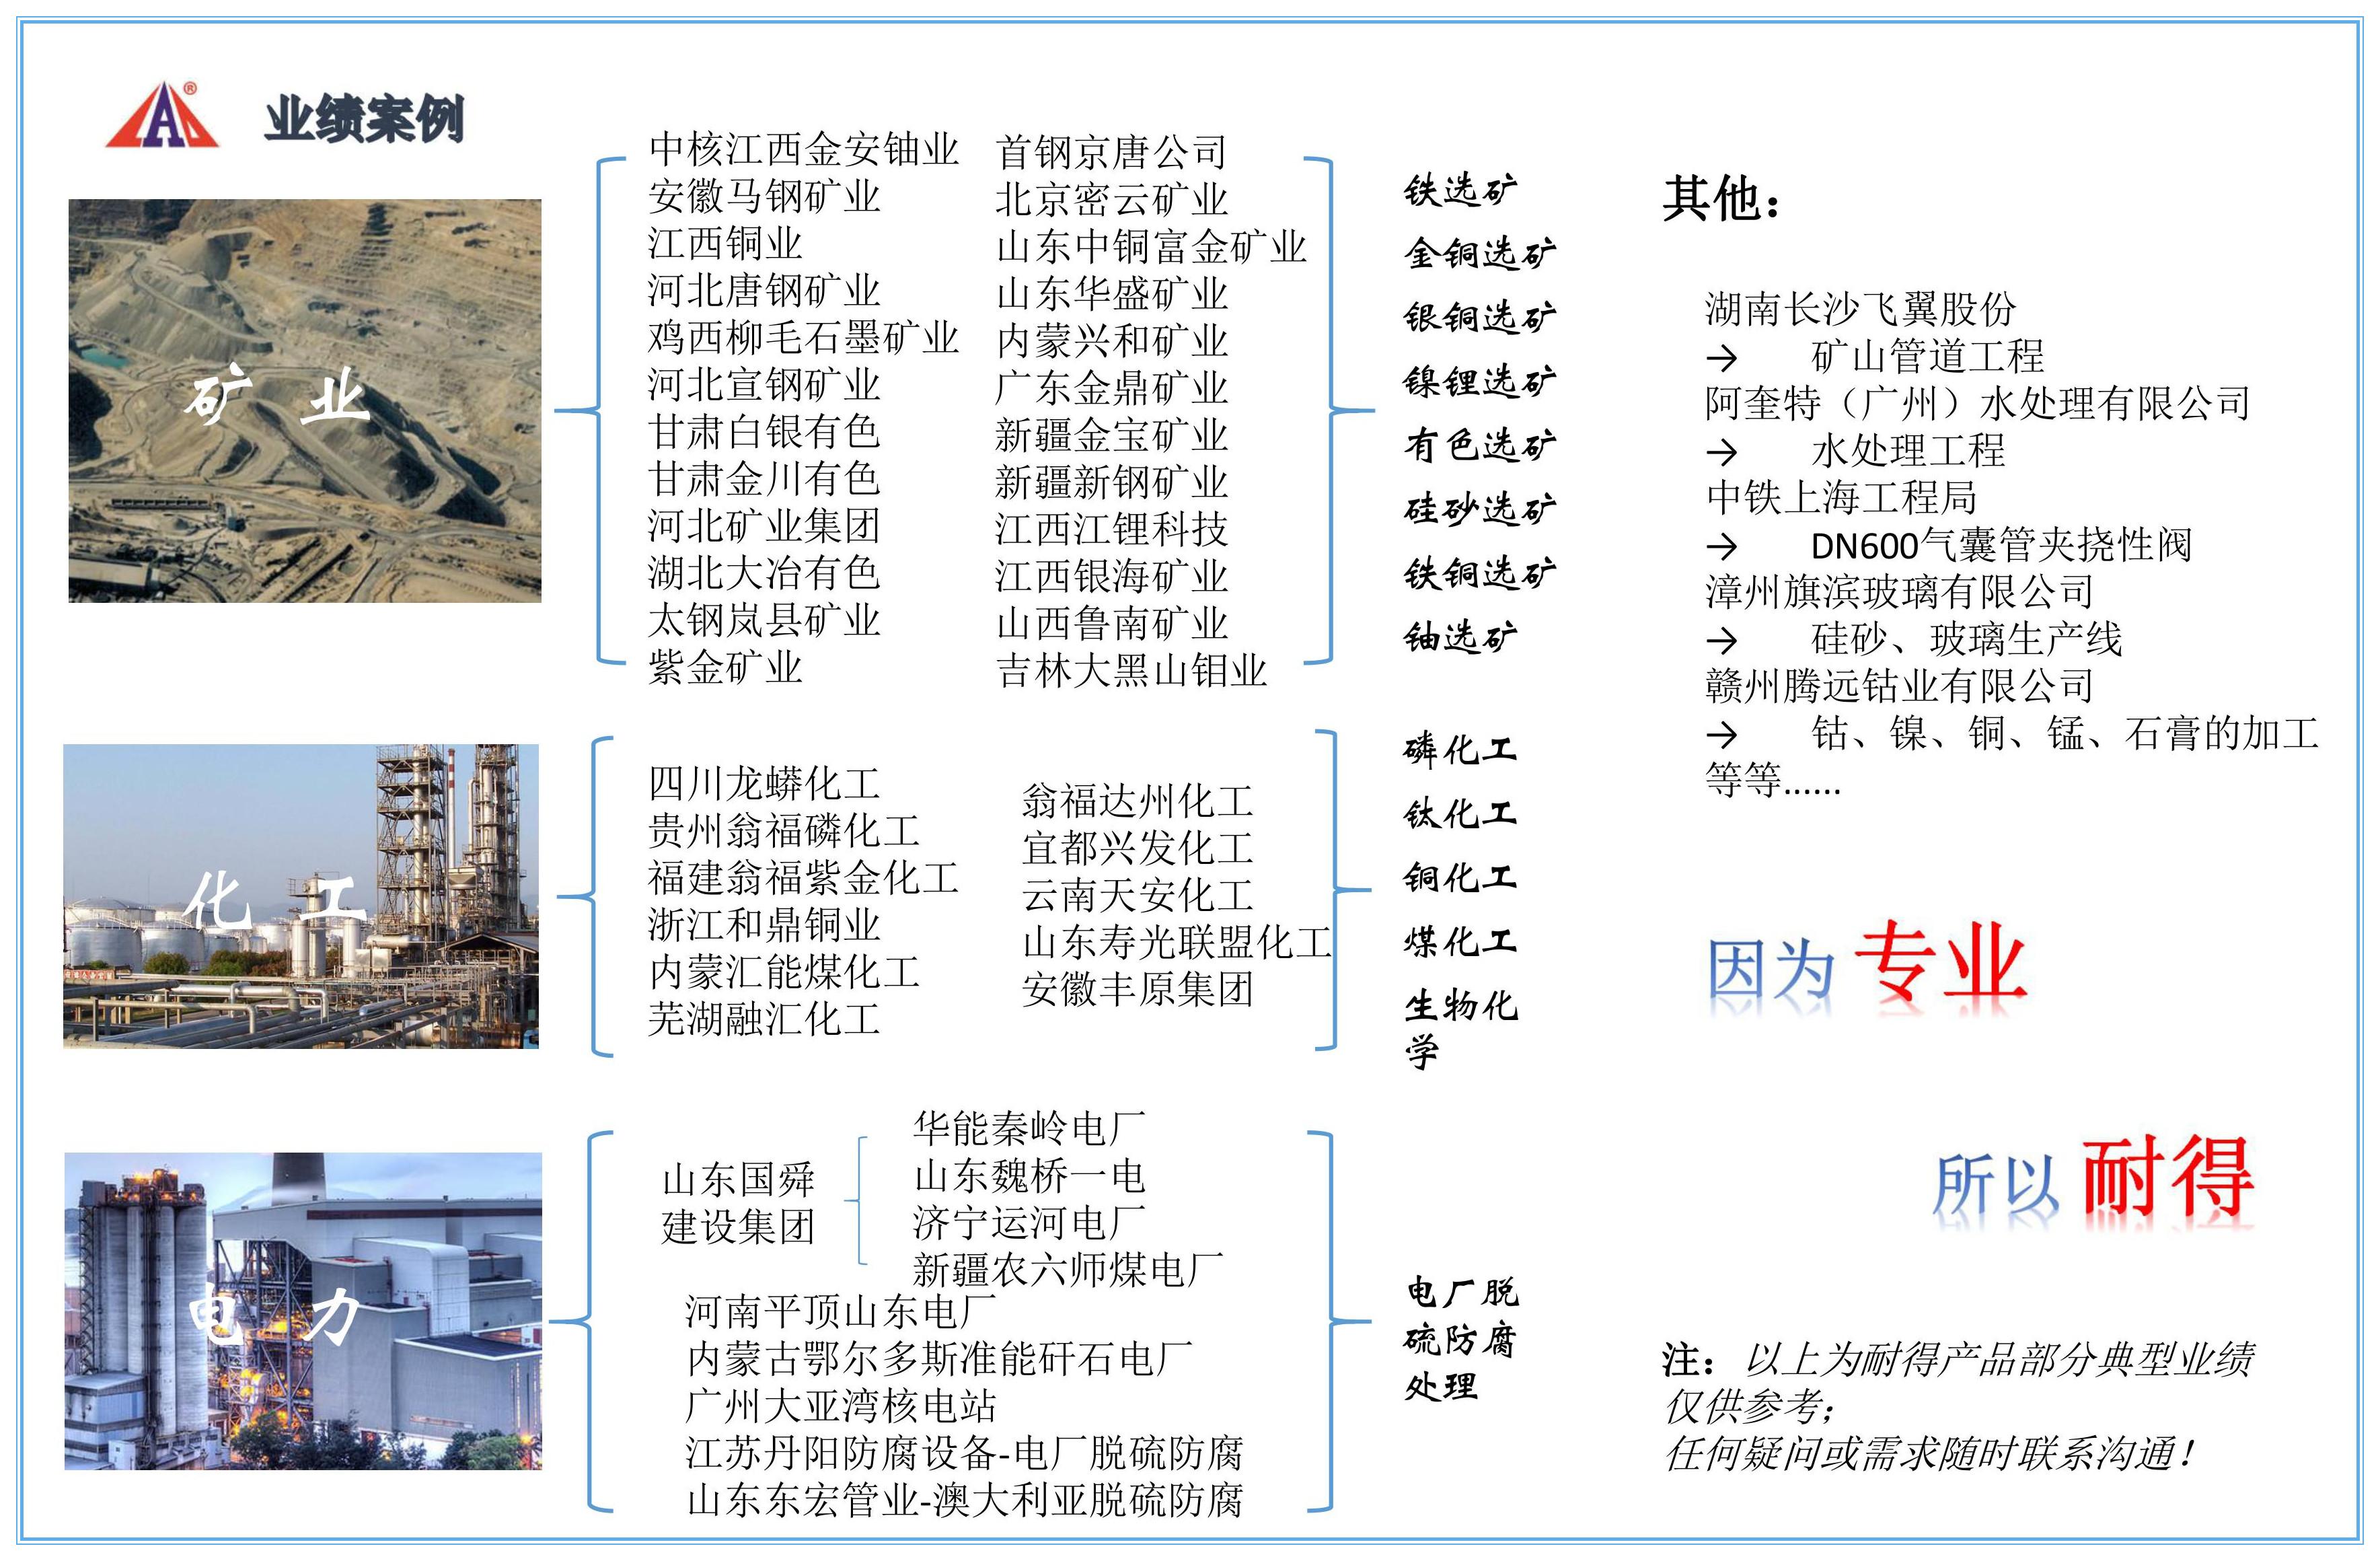 芜湖耐得胶管阀业有限公司相关业绩案例